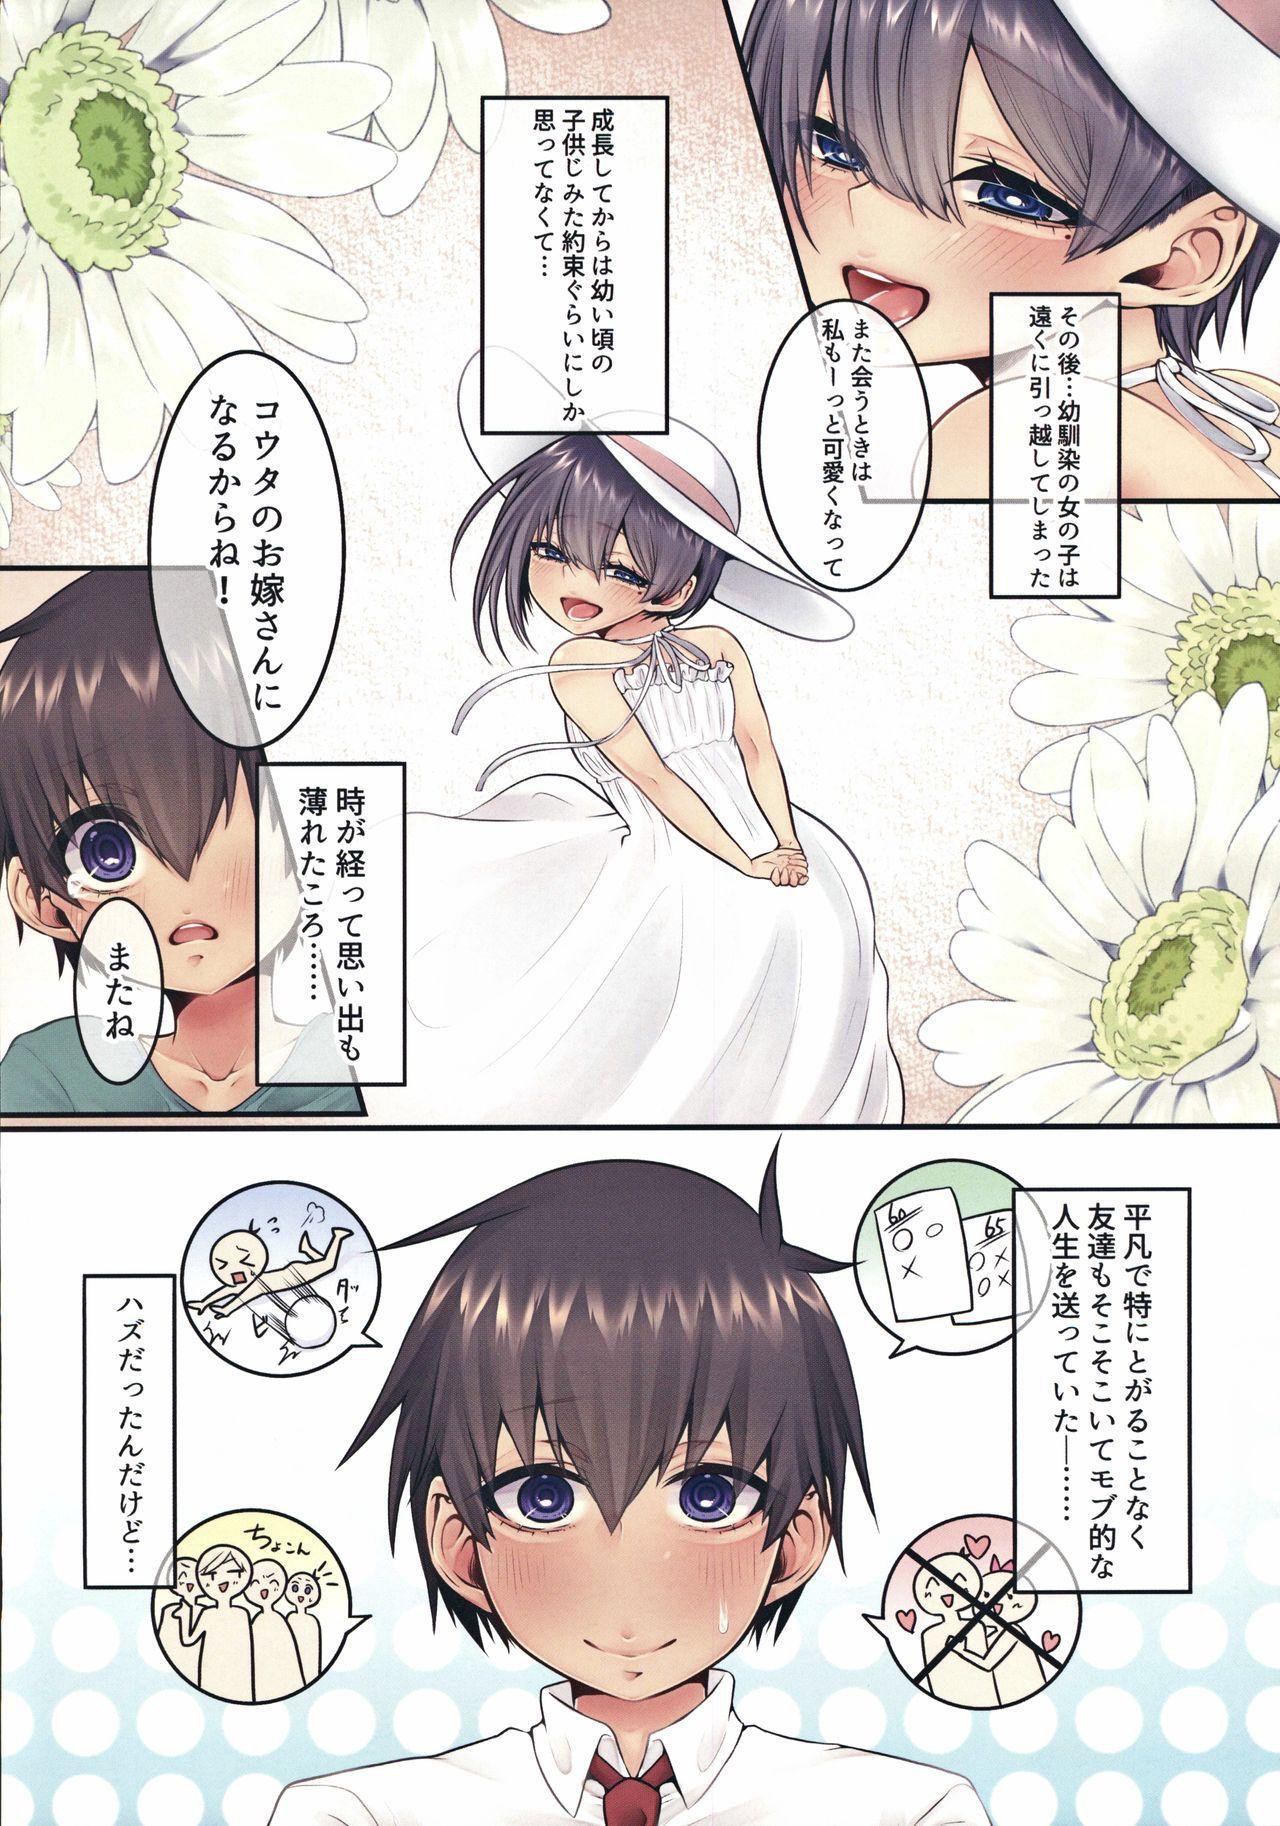 Erosugiru Karada o Shita Doukyuusei to no Hamemakuri Nakadashi Seikatsu 4